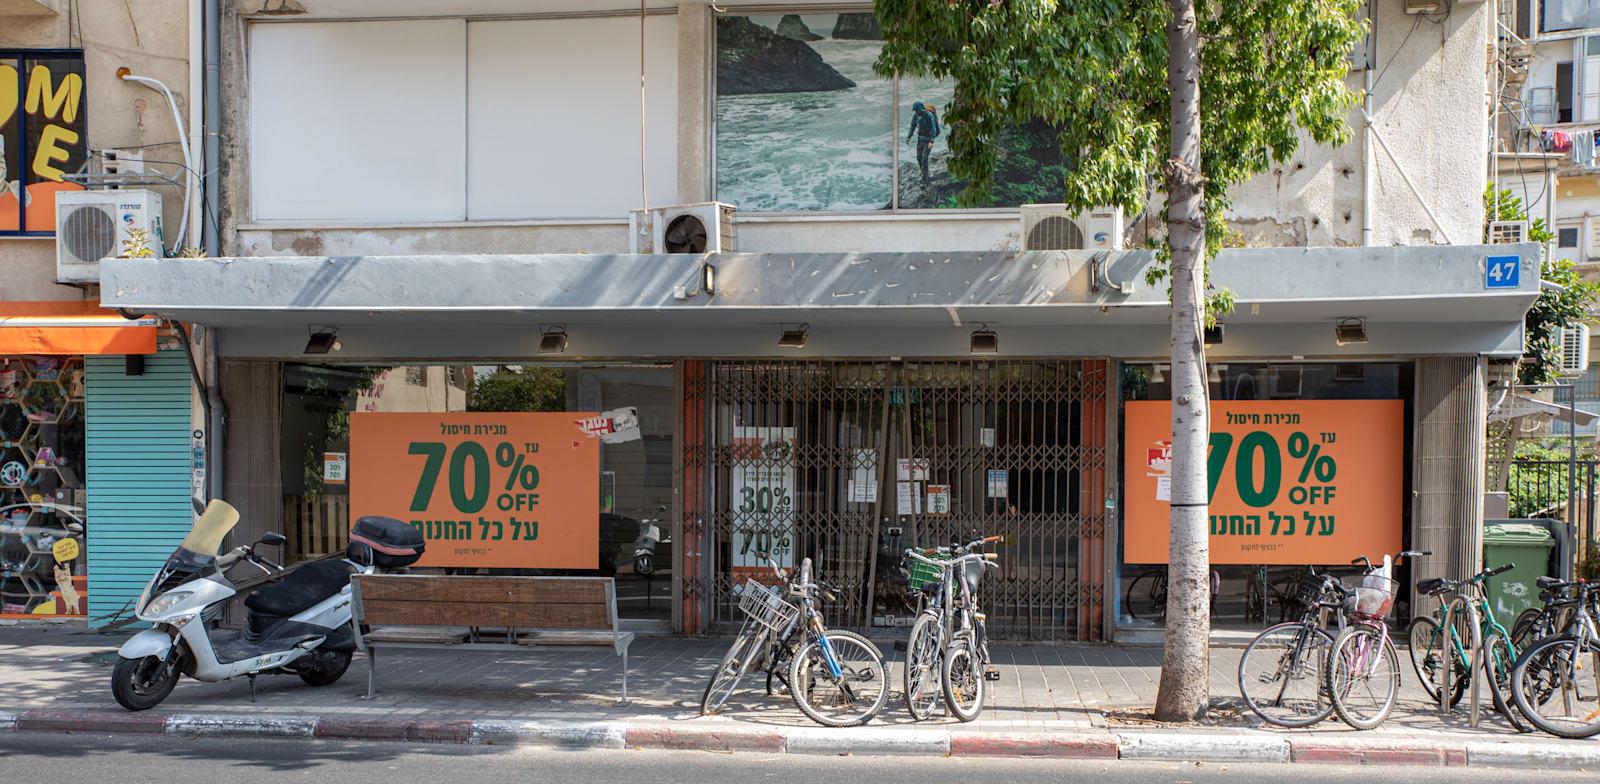 חנויות סגורות בצל הקורונה / צילום: כדיה לוי